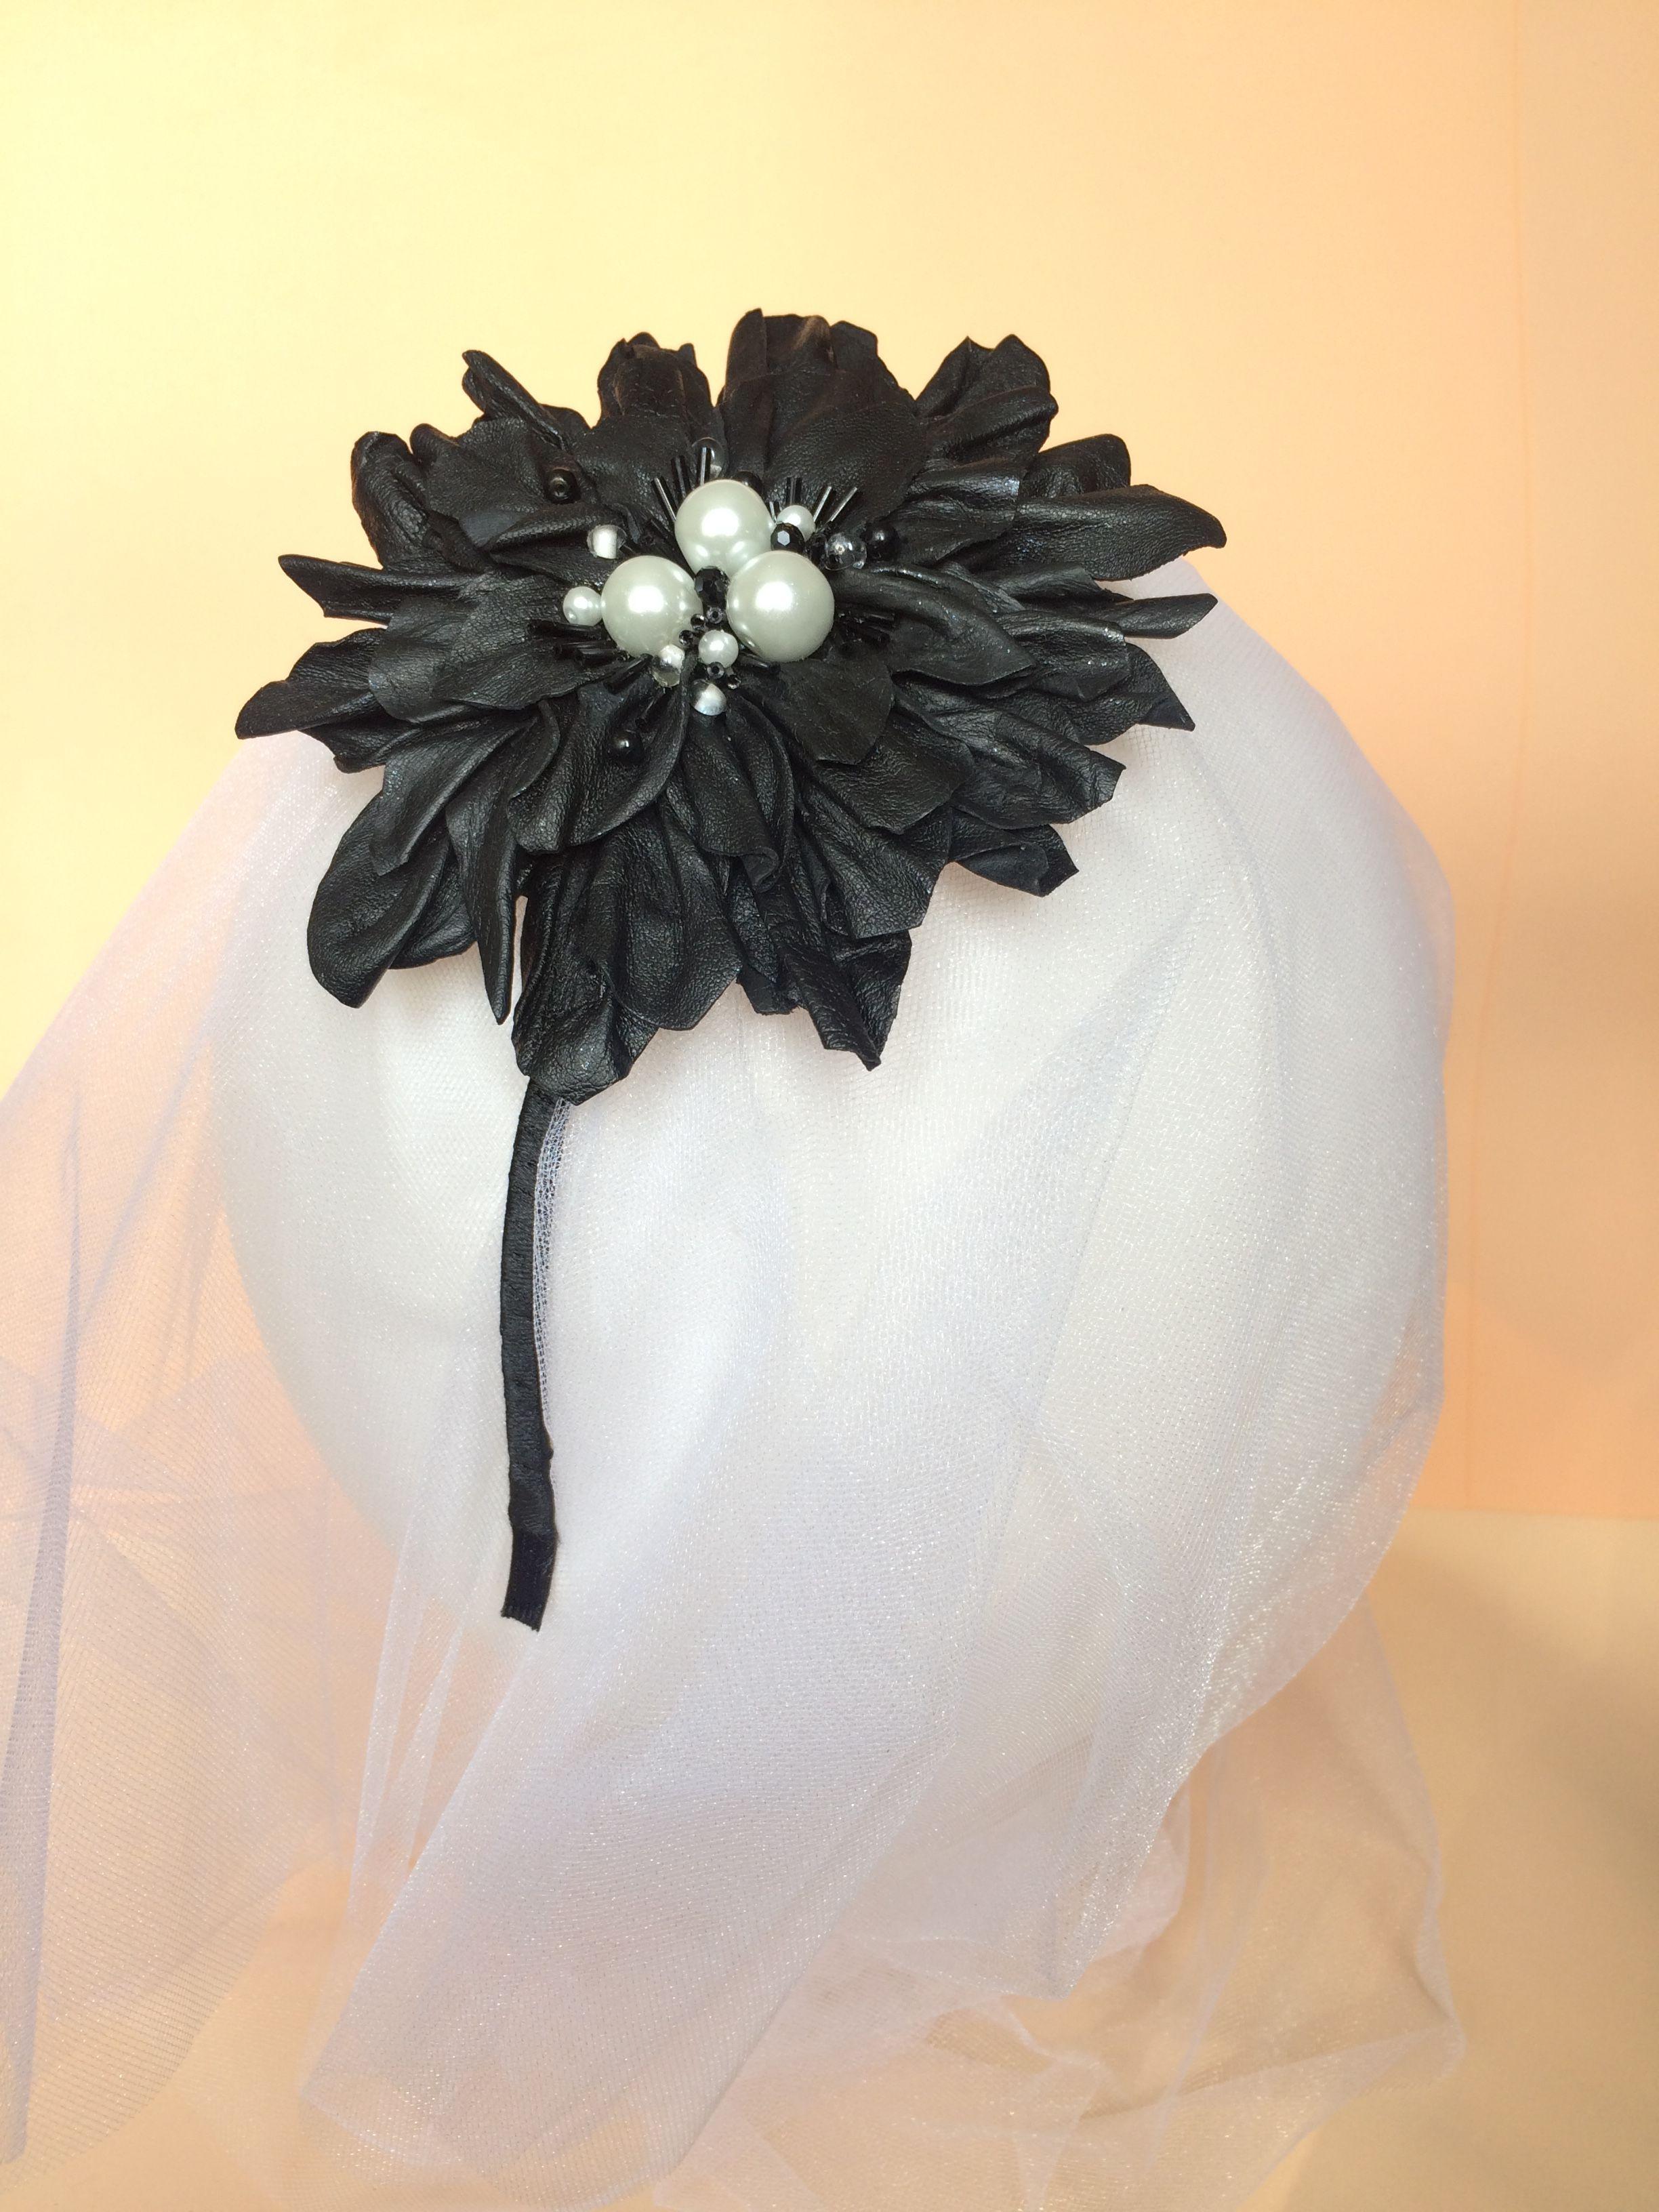 Black flower crown black flower crown pinterest black flower crown black flower crown izmirmasajfo